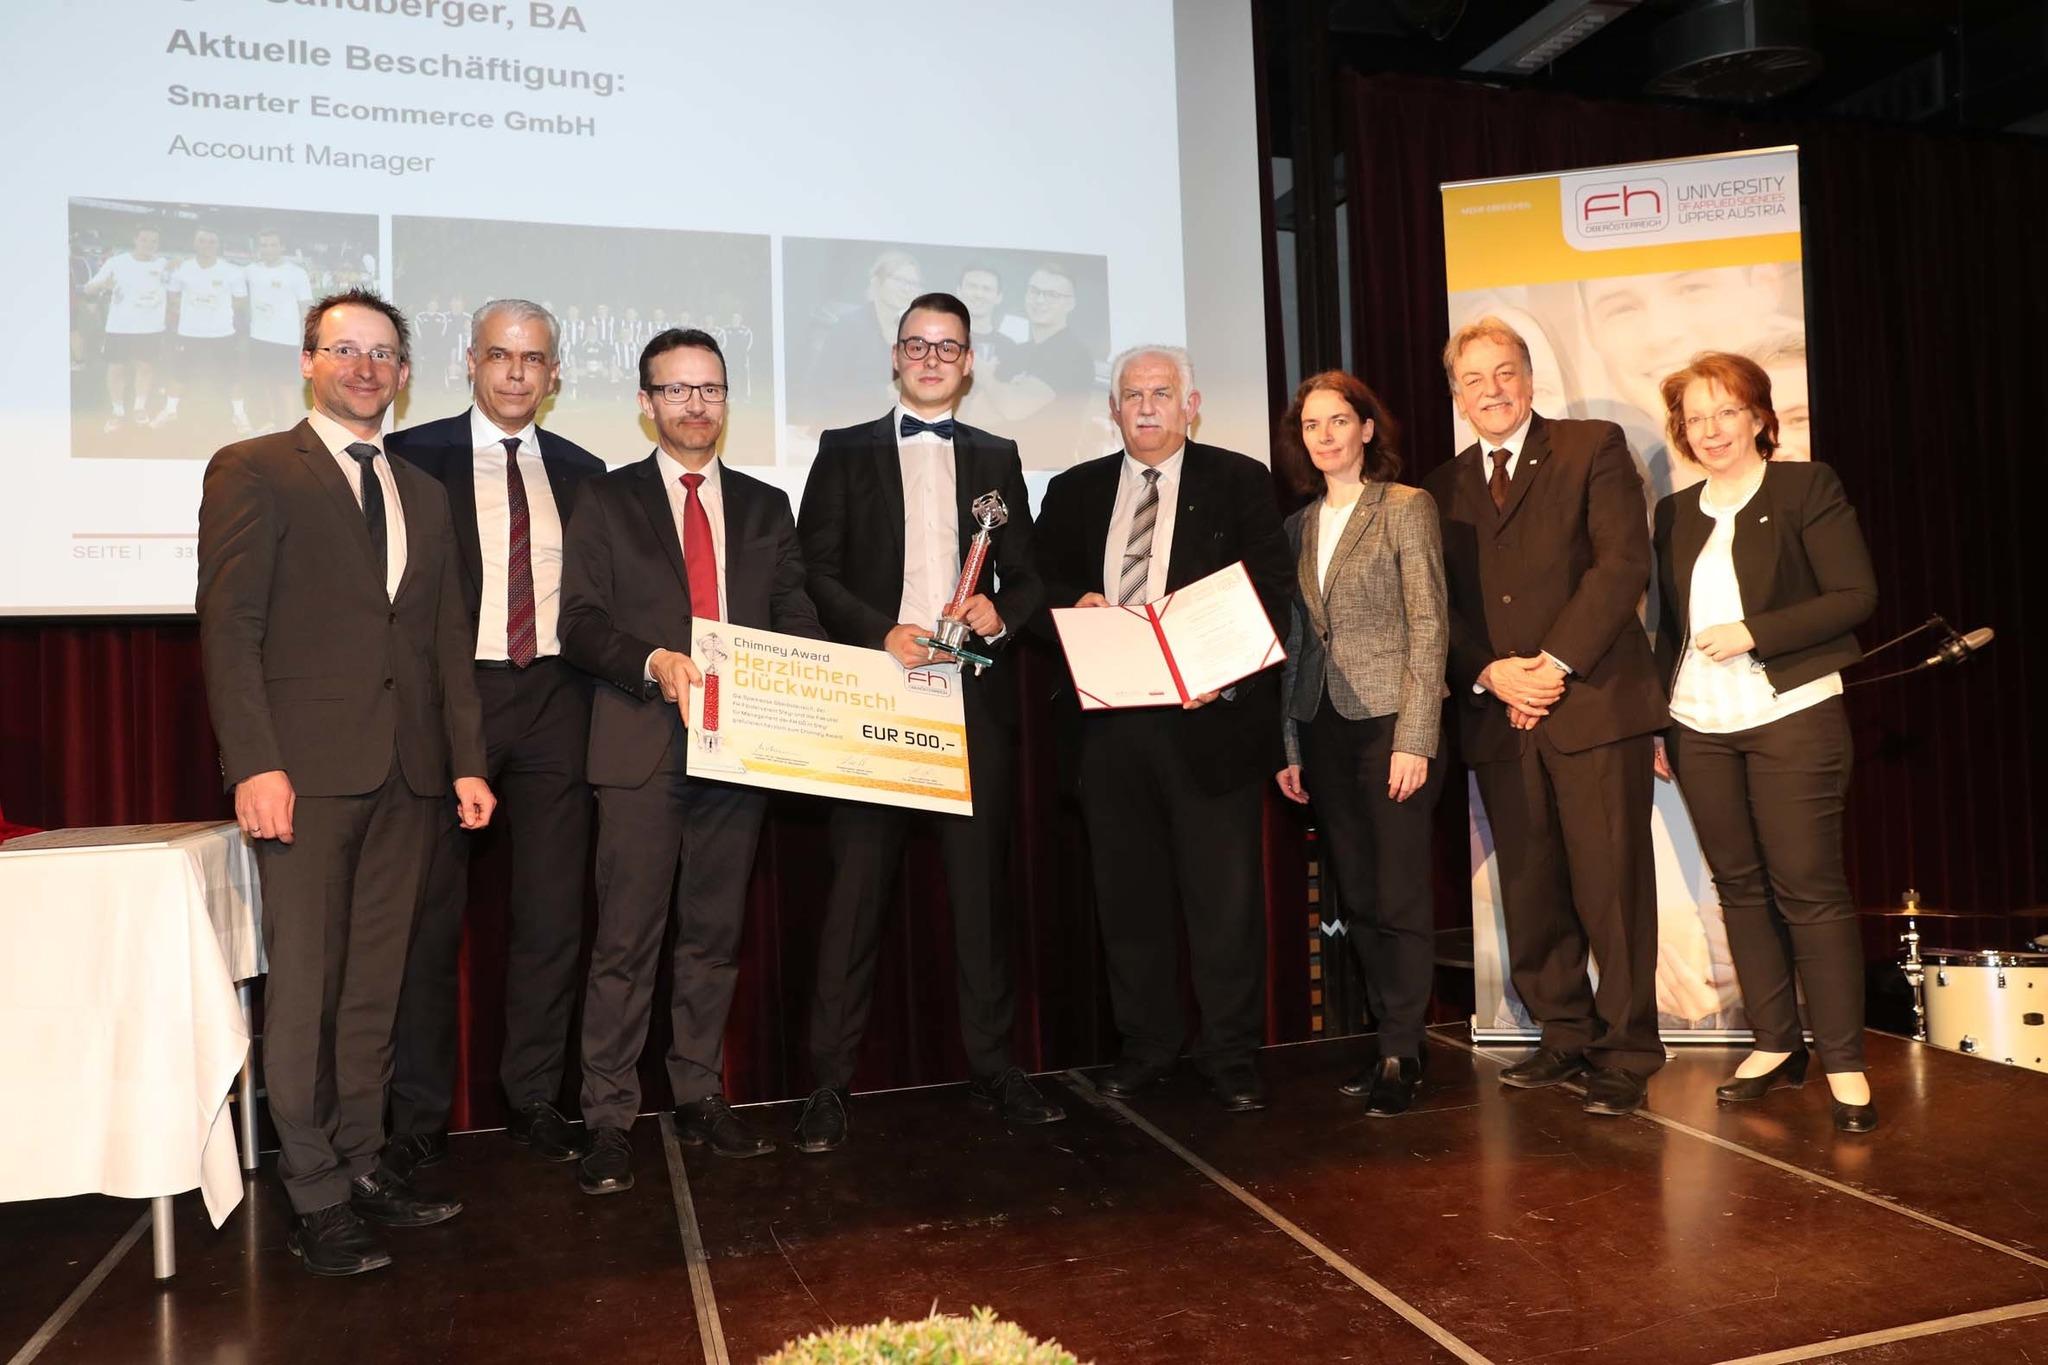 Fantastisch Spaß Award Vorlagen Fotos - Beispielzusammenfassung ...